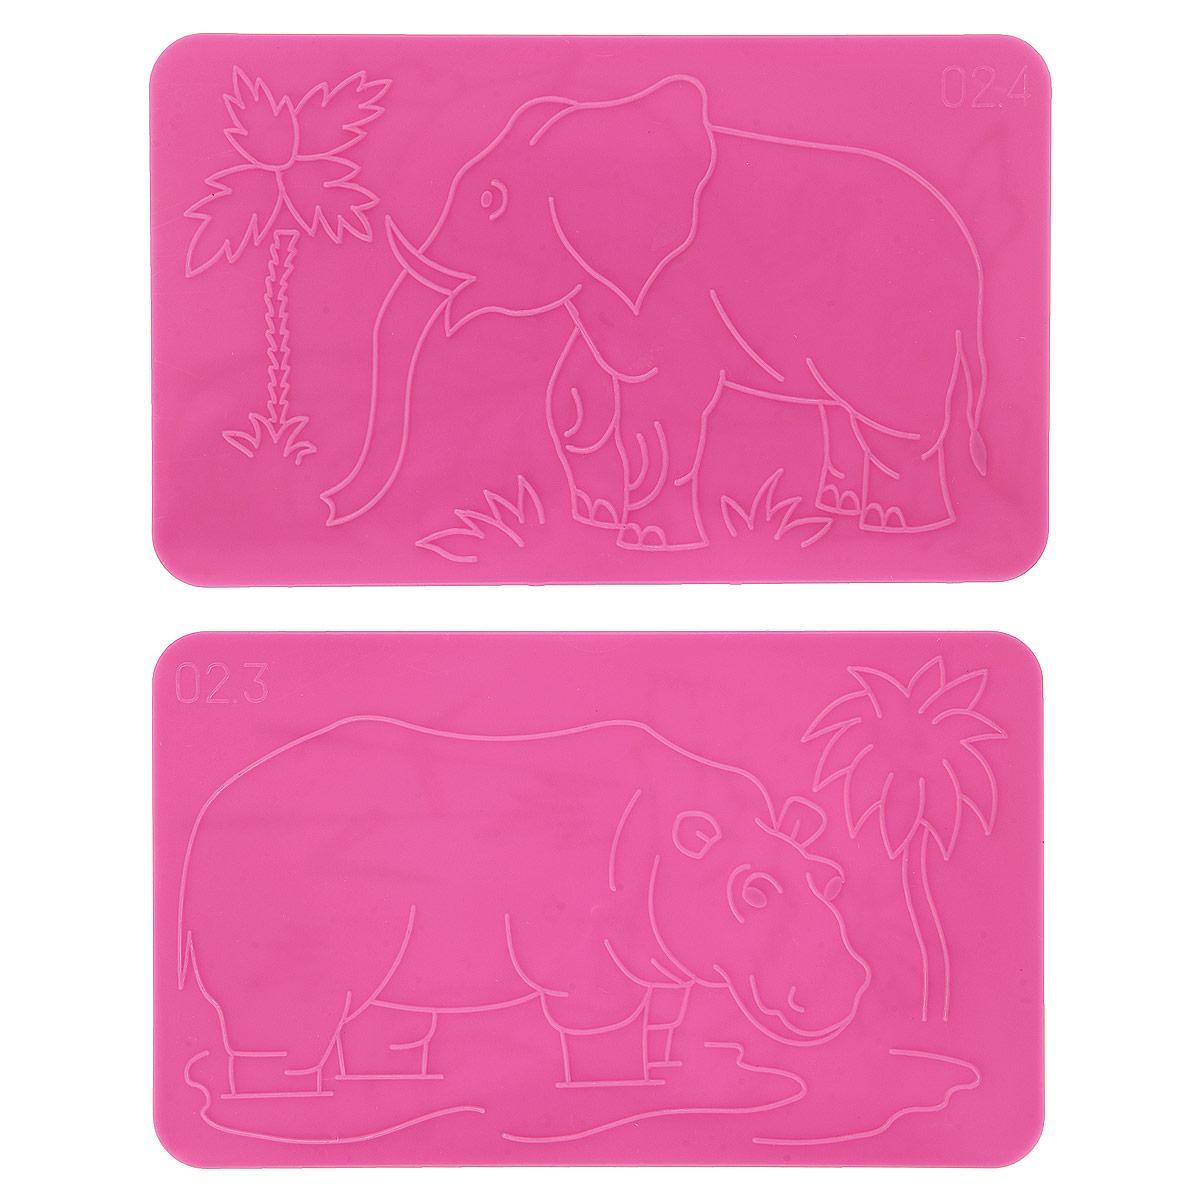 Трафареты рельефные Луч Слон, 2 шт13С 991-08Трафареты рельефные Луч серии Слон, выполненные из безопасного пластика, предназначены для детского творчества. Трафареты не имеют традиционных прорезей - рисунок выступает над плоской поверхностью. Чтобы получить рисунок на бумаге, трафарет кладется под лист, а сверху бумага штрихуется с помощью восковых карандашей. Метод штриховки особенно полезен при подготовке ребенка к школе, развивается мелкая моторика, зрительное восприятие, и вместе с тем, ребенок с увлечением учится рисовать. В упаковке два двусторонних трафарета с изображением слона, гуся, петуха, бегемота. Трафареты предназначены для работы с восковыми карандашами. Трафареты могут быть использованы для организации игровых моментов на уроках ознакомления с окружающим миром, письма и рисования.